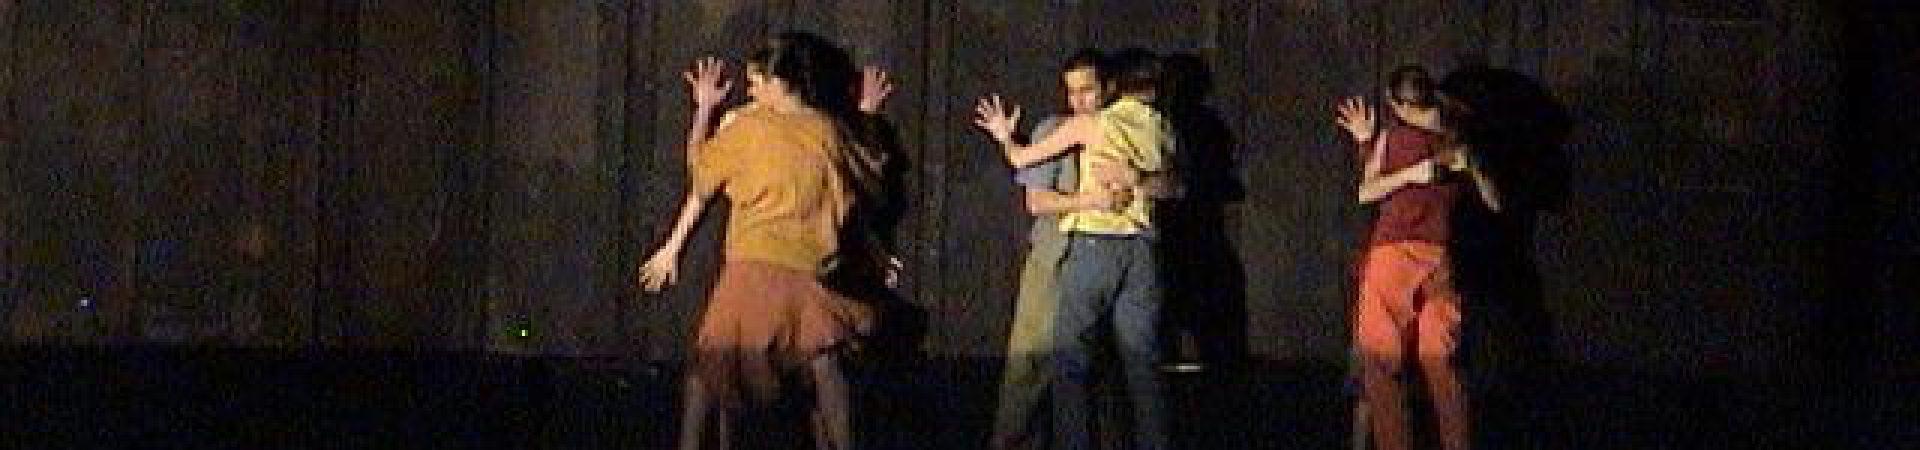 Résistencia - Reprise de rôle 2003